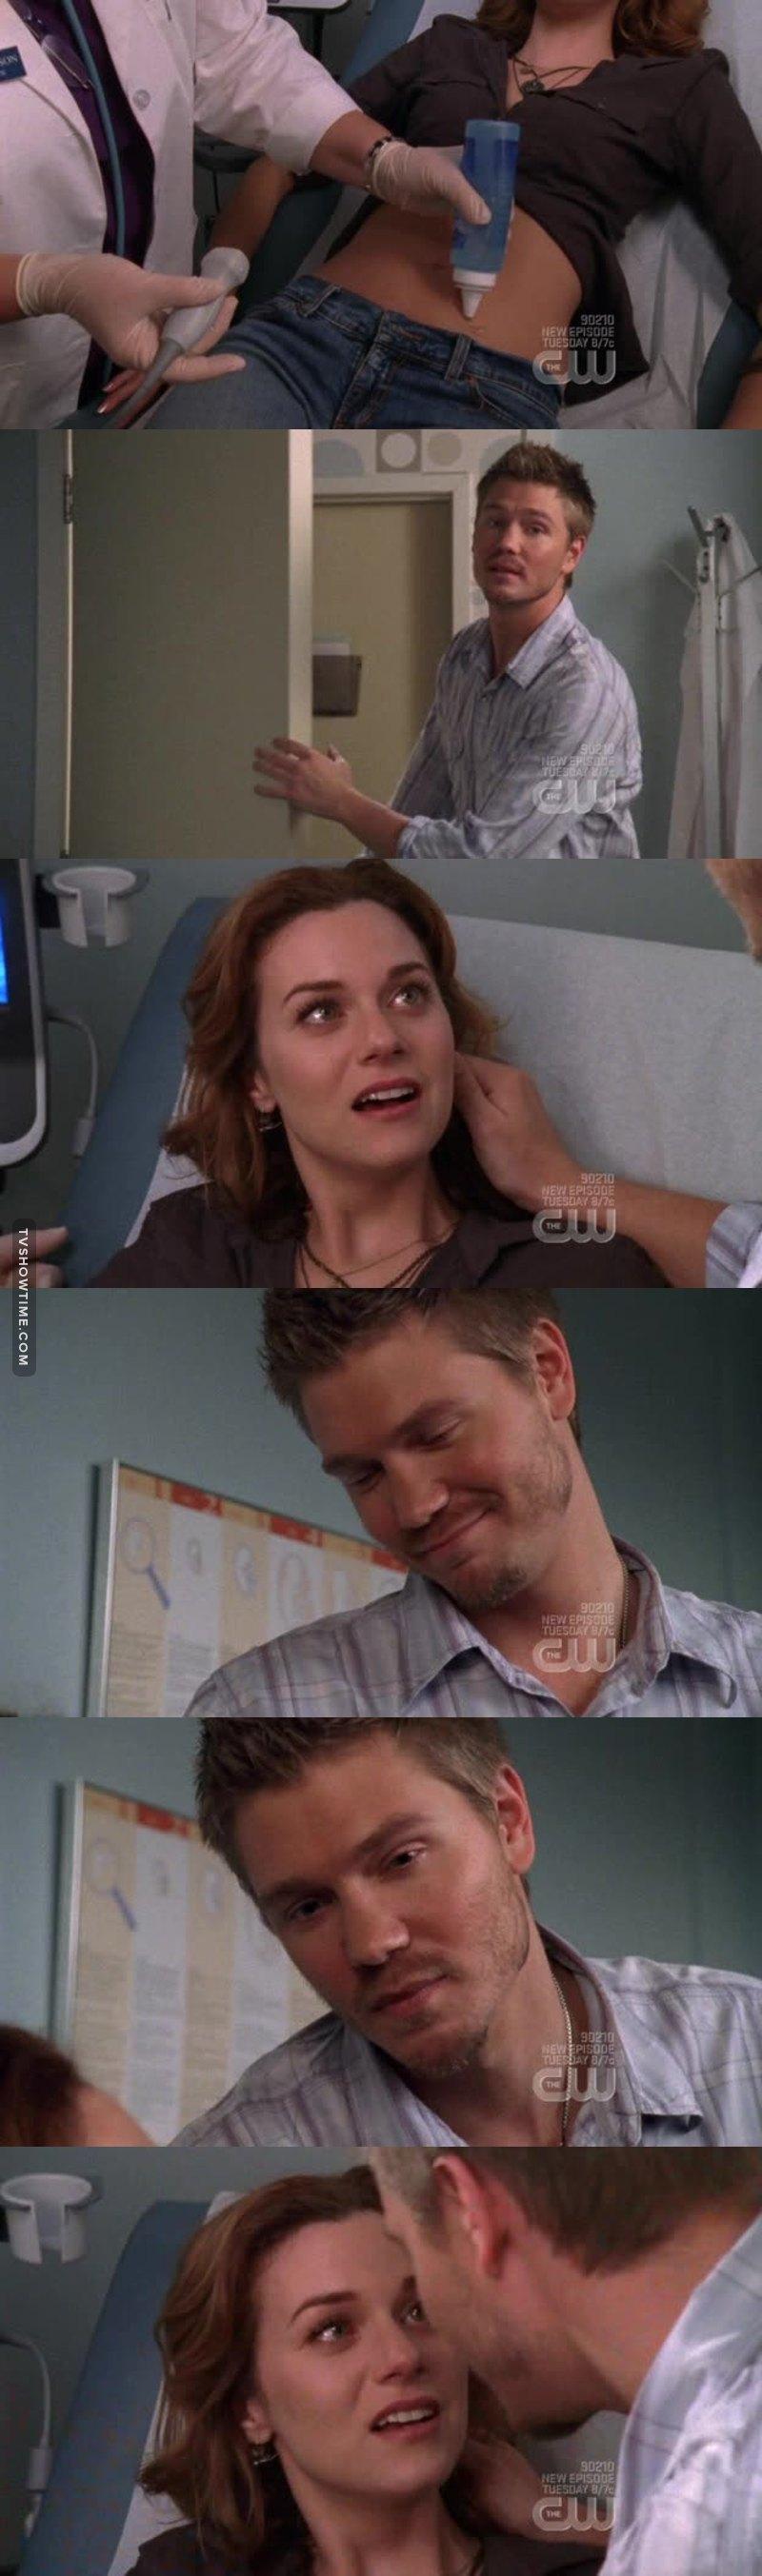 Non shippo Lucas e Peyton, ma questa scena è stata bellissima e non ho potuto trattenere le lacrime 😍😍😍